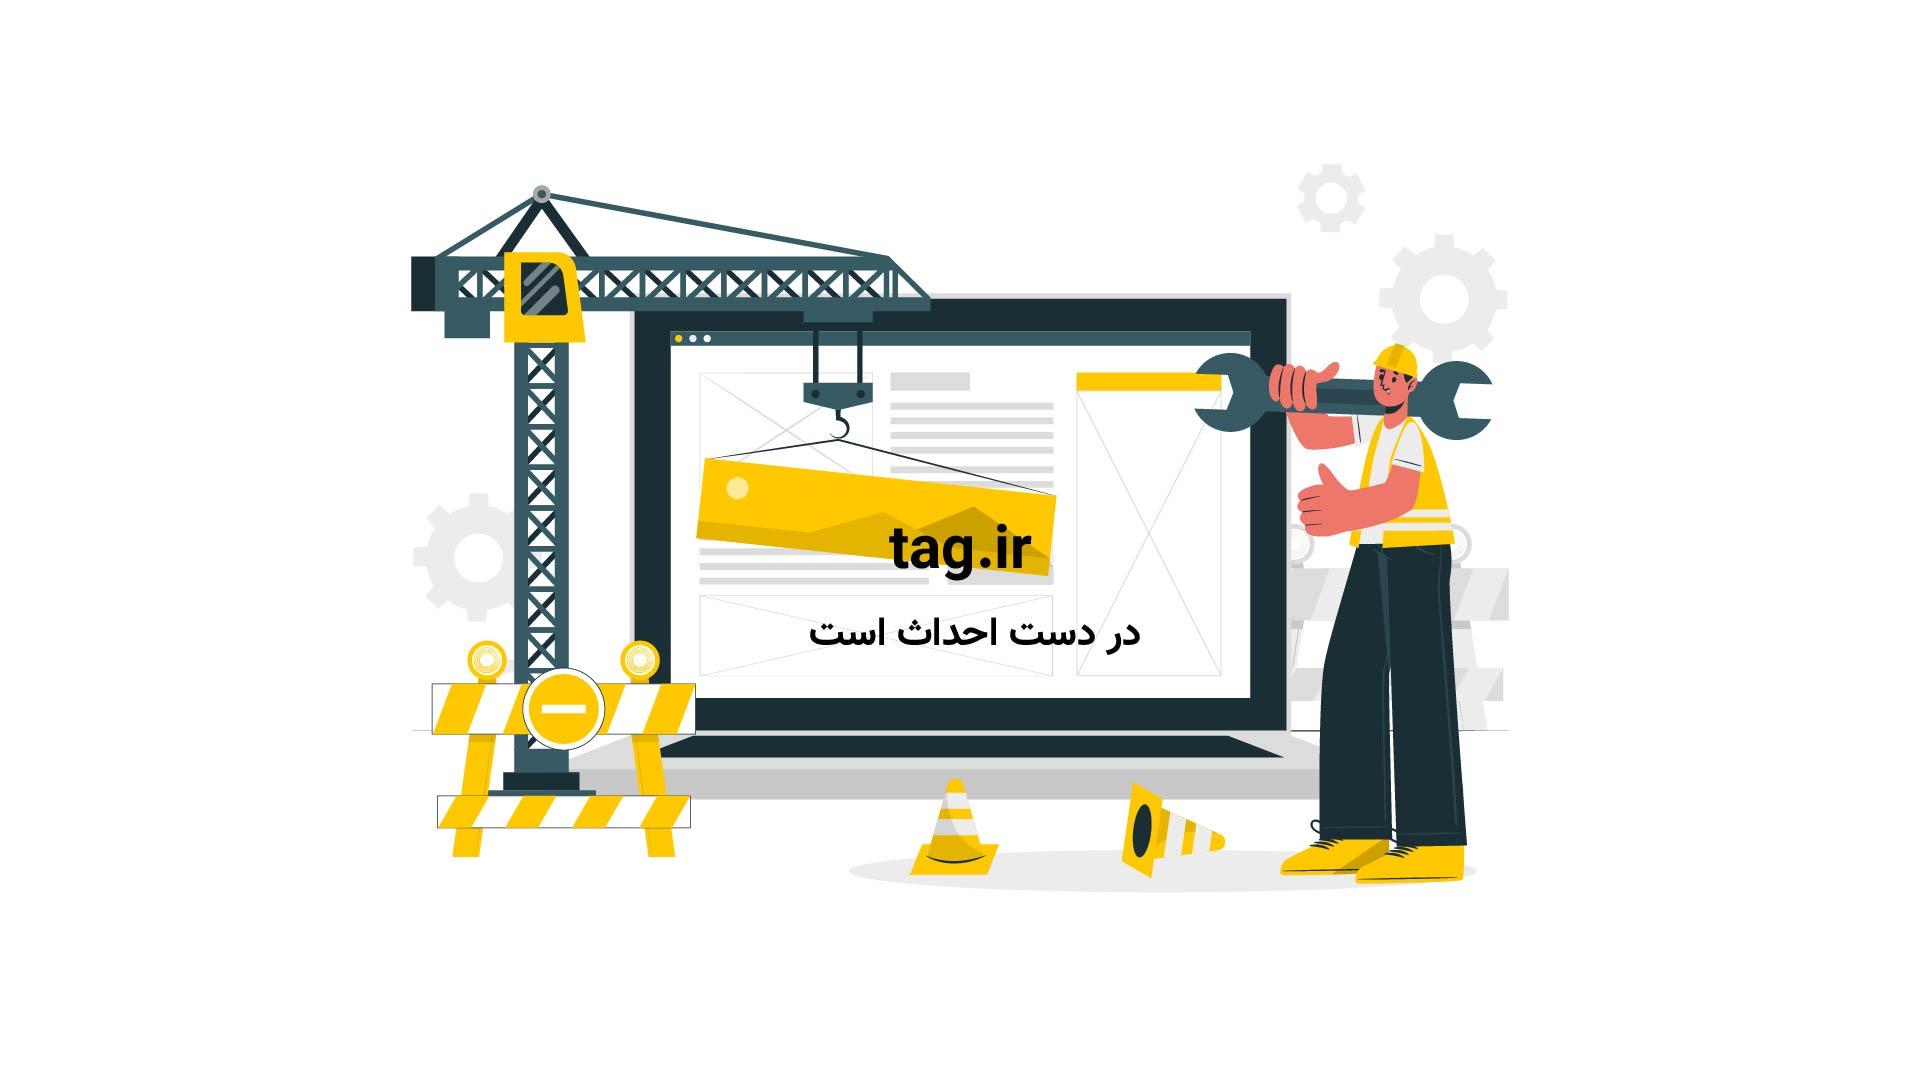 بازی پس ٢٠١٧؛ ستاره های بارسلونا | فیلم